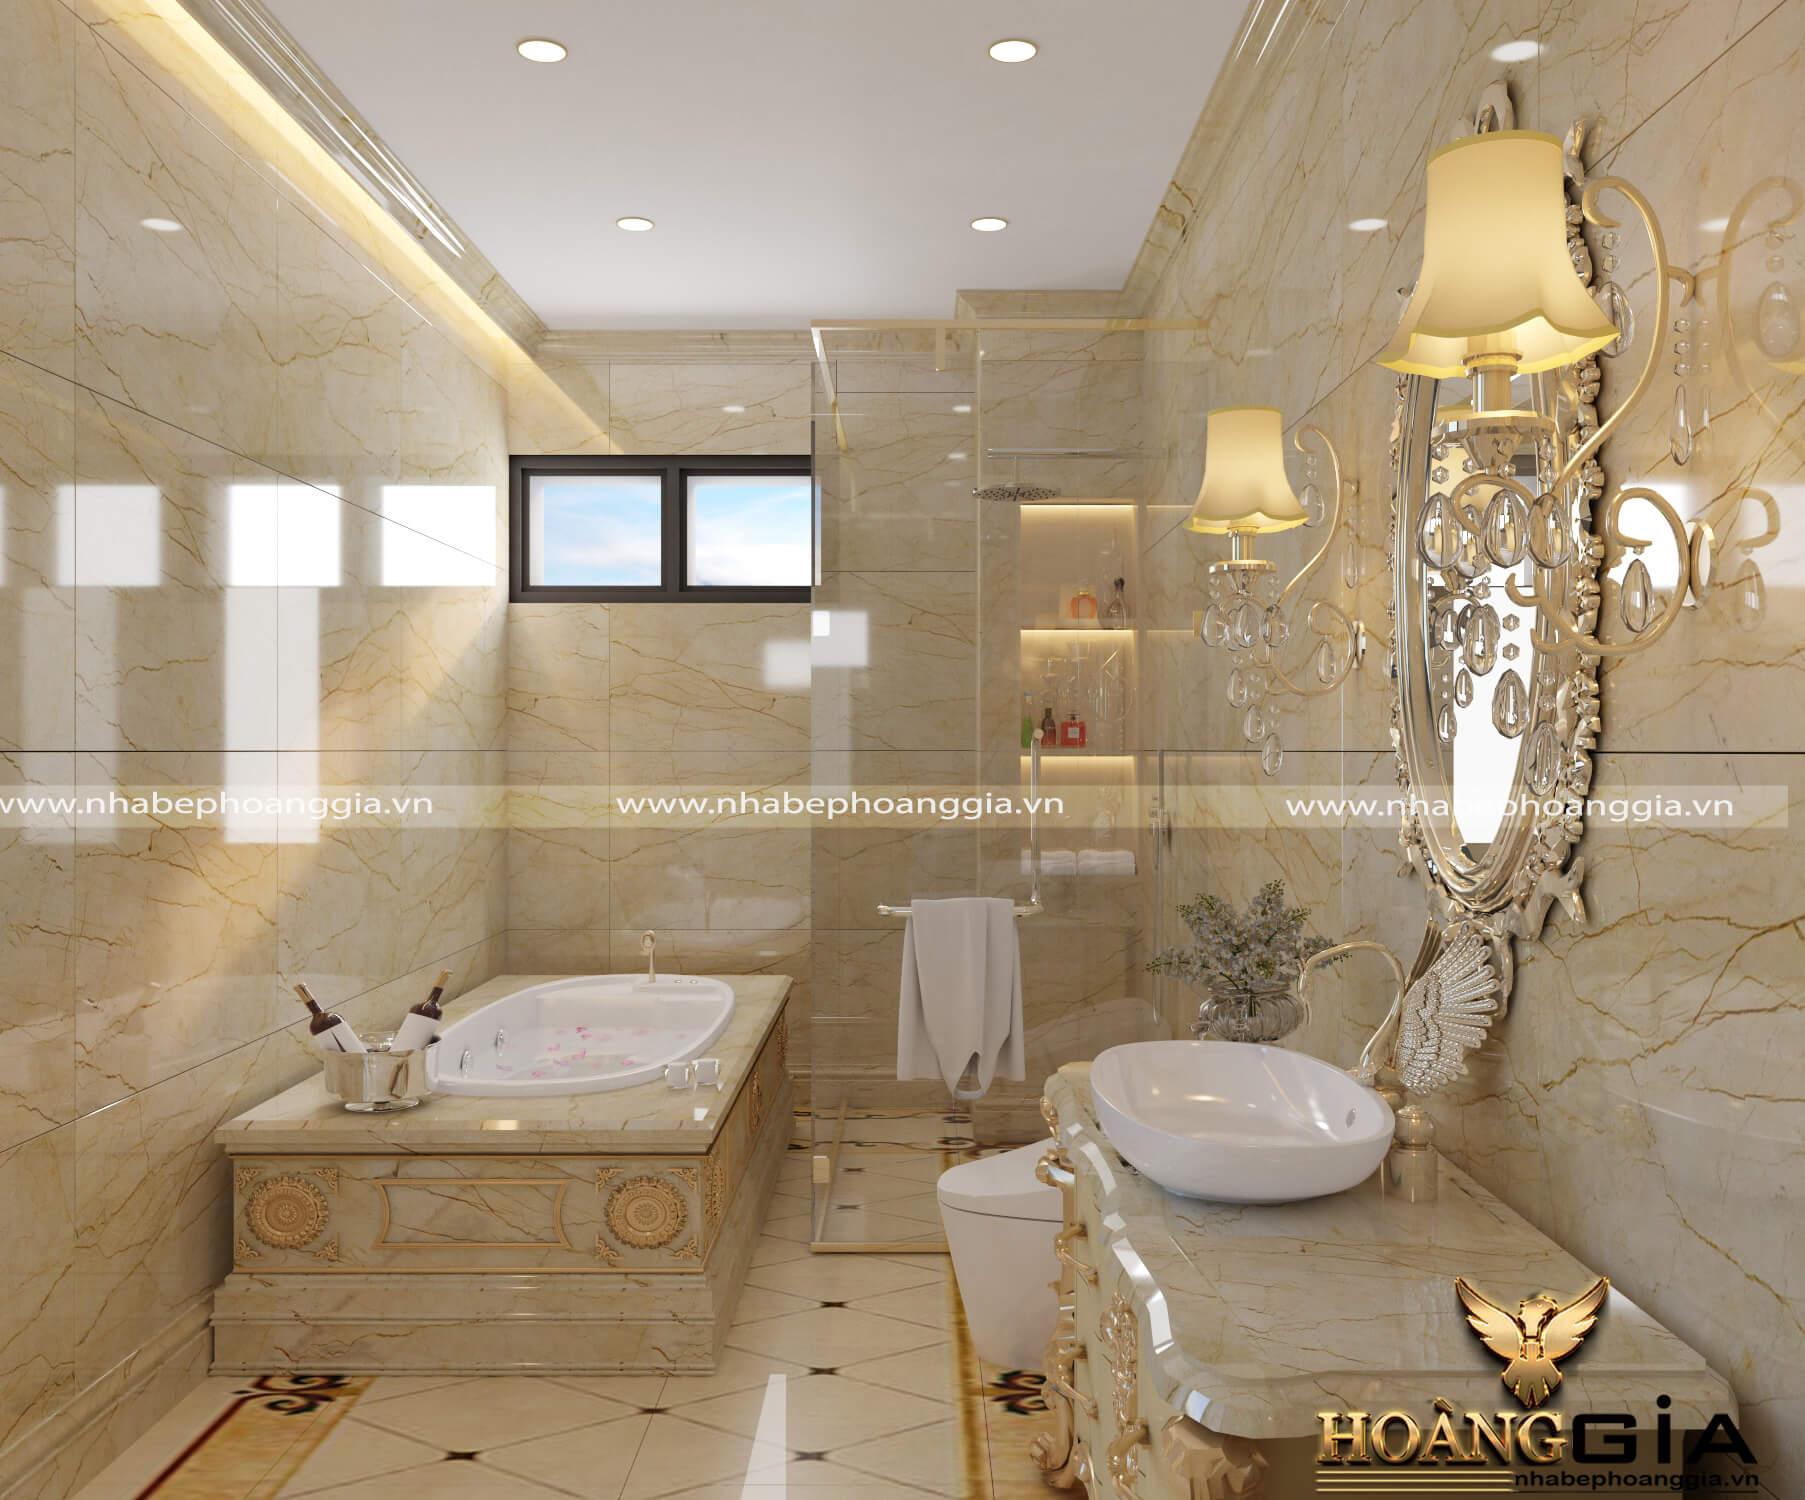 nguyên tắc thiết kế phòng tắm